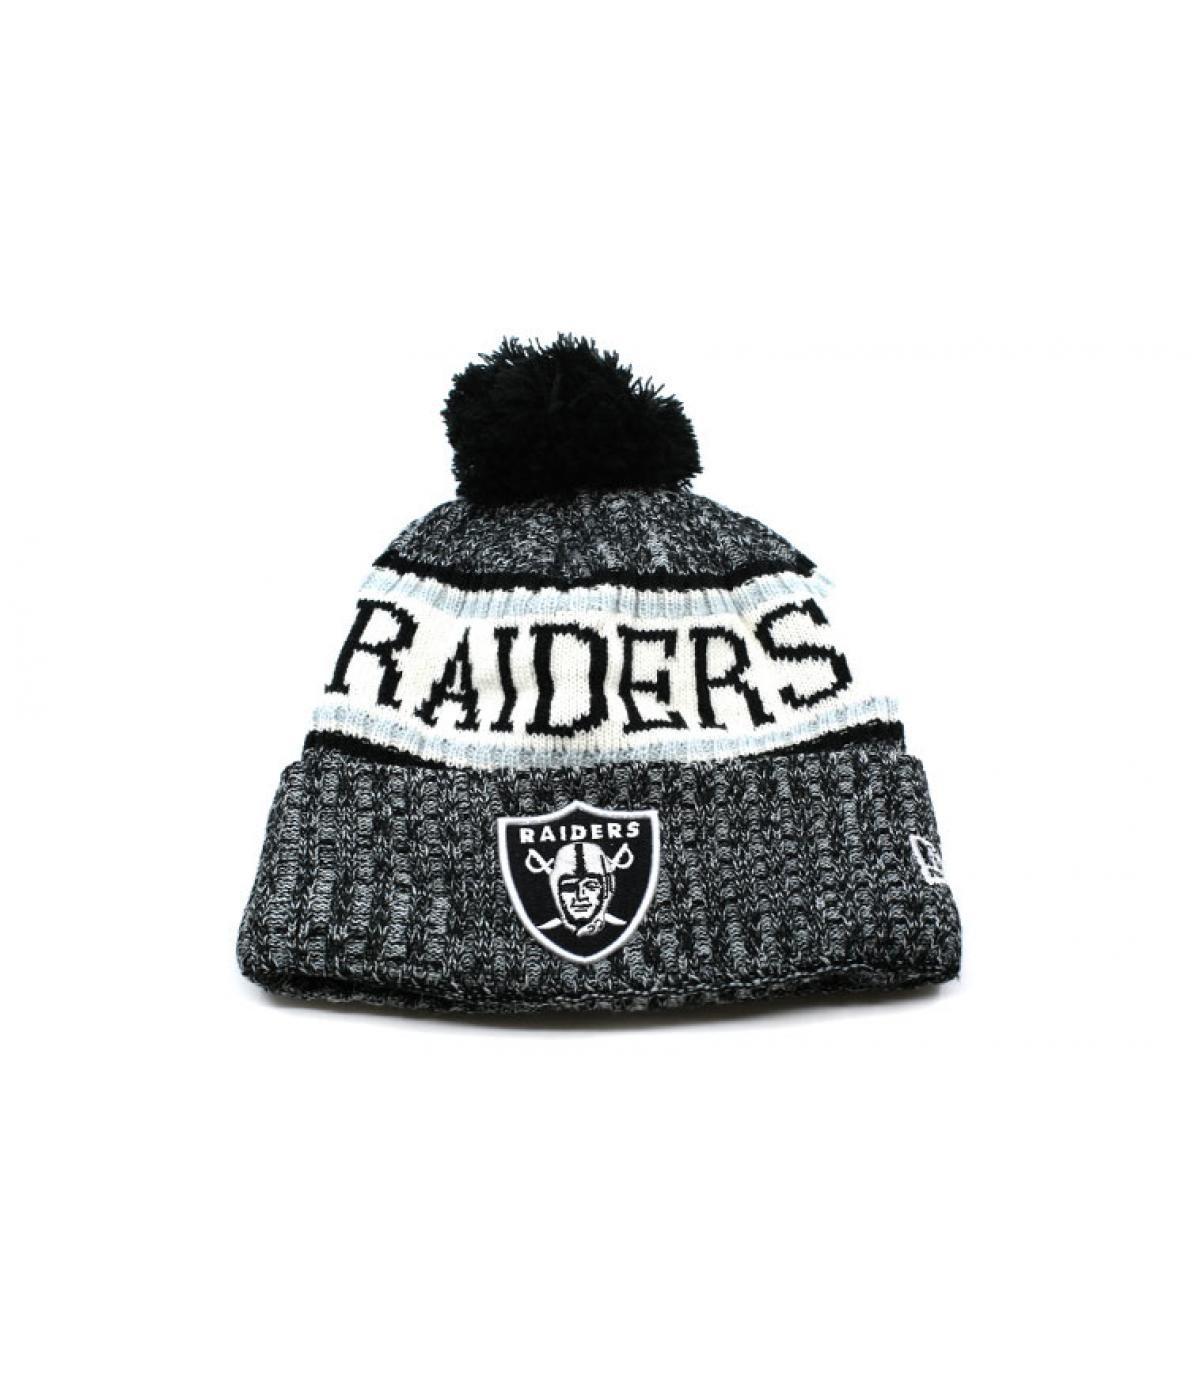 7c3131872 Raiders beanie grey pompom - NFL Sideline Sport Knit Raiders by New ...